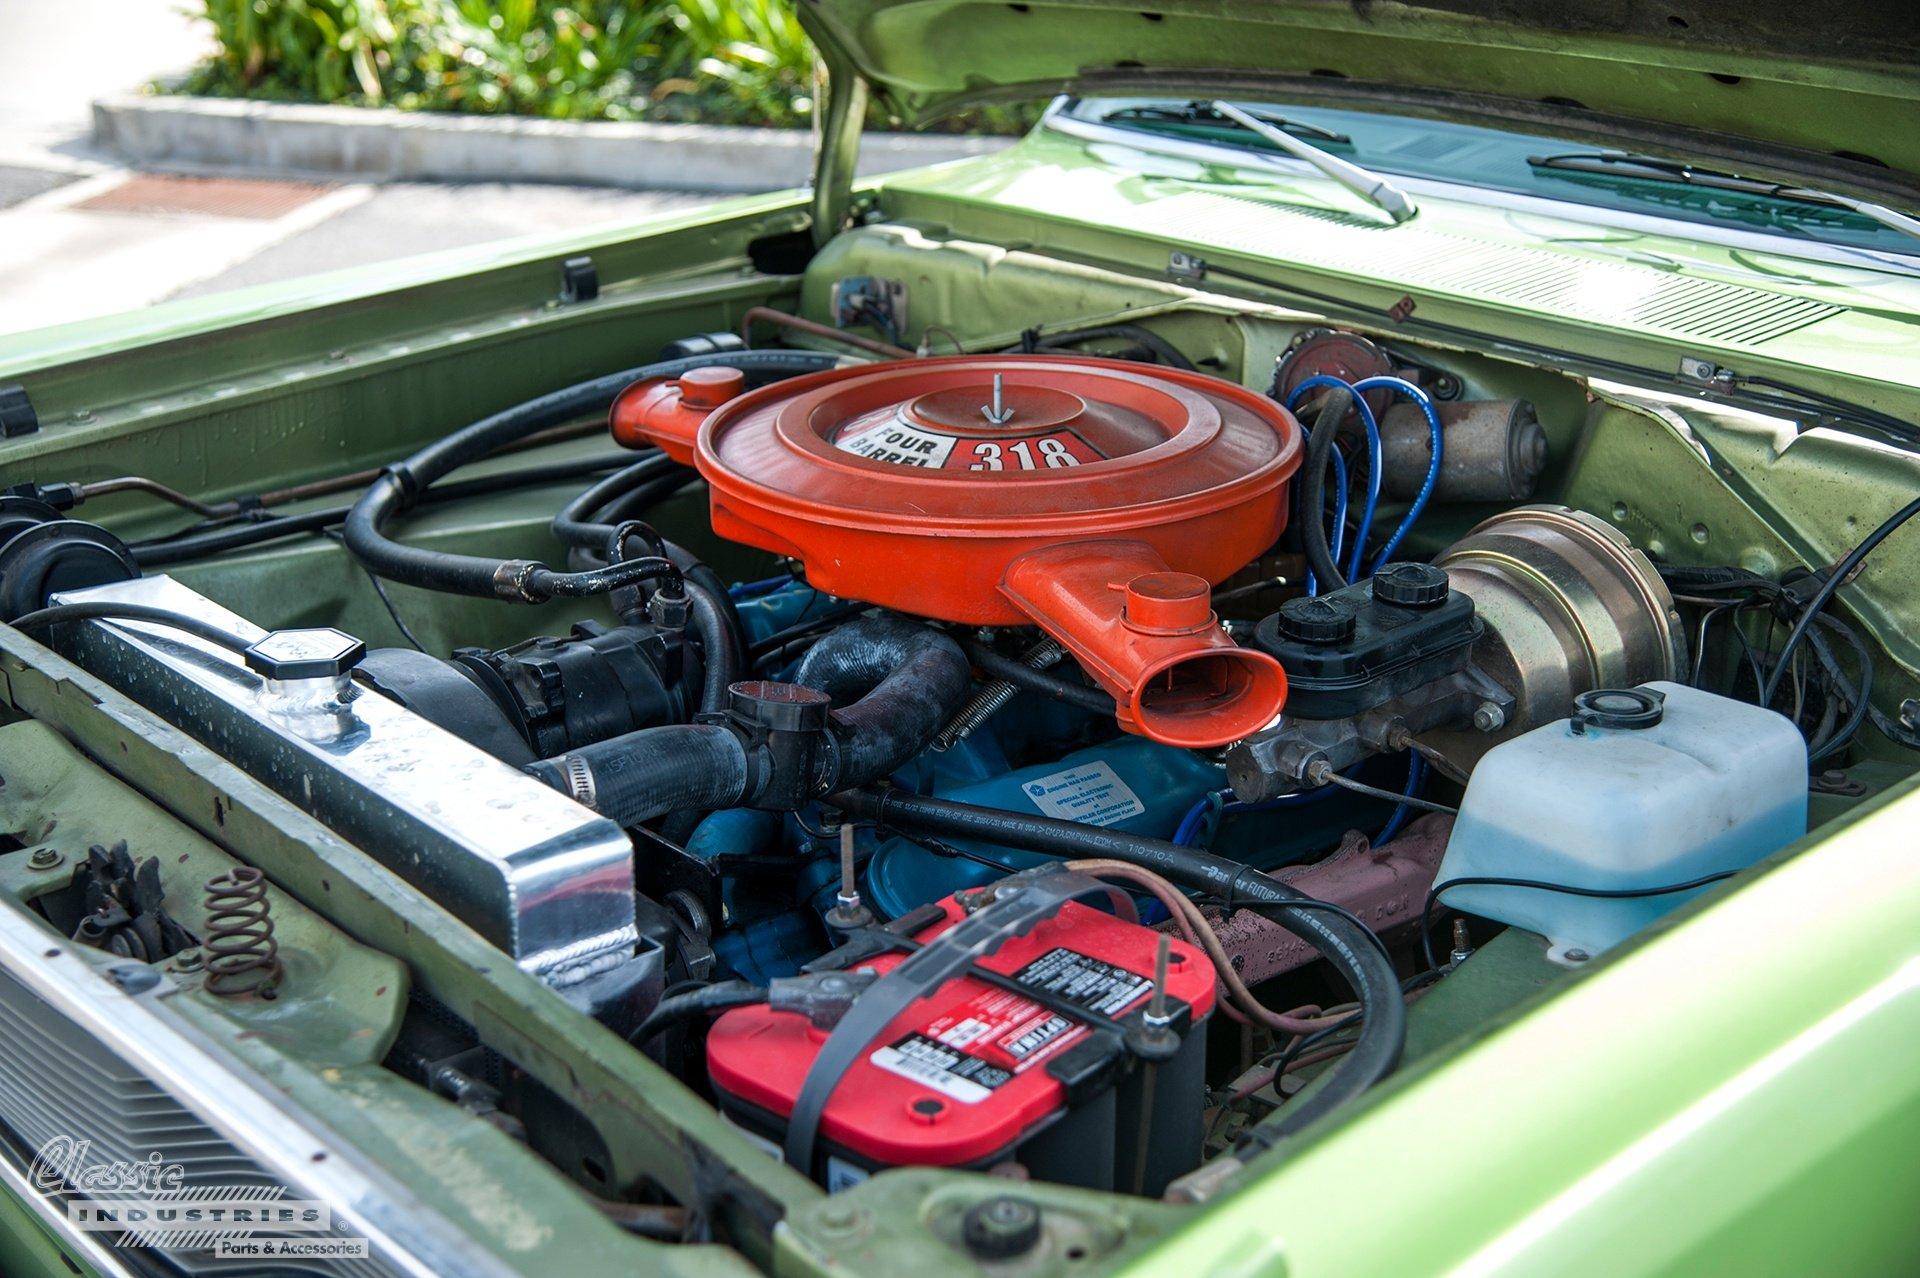 72 Valiant Engine.jpg